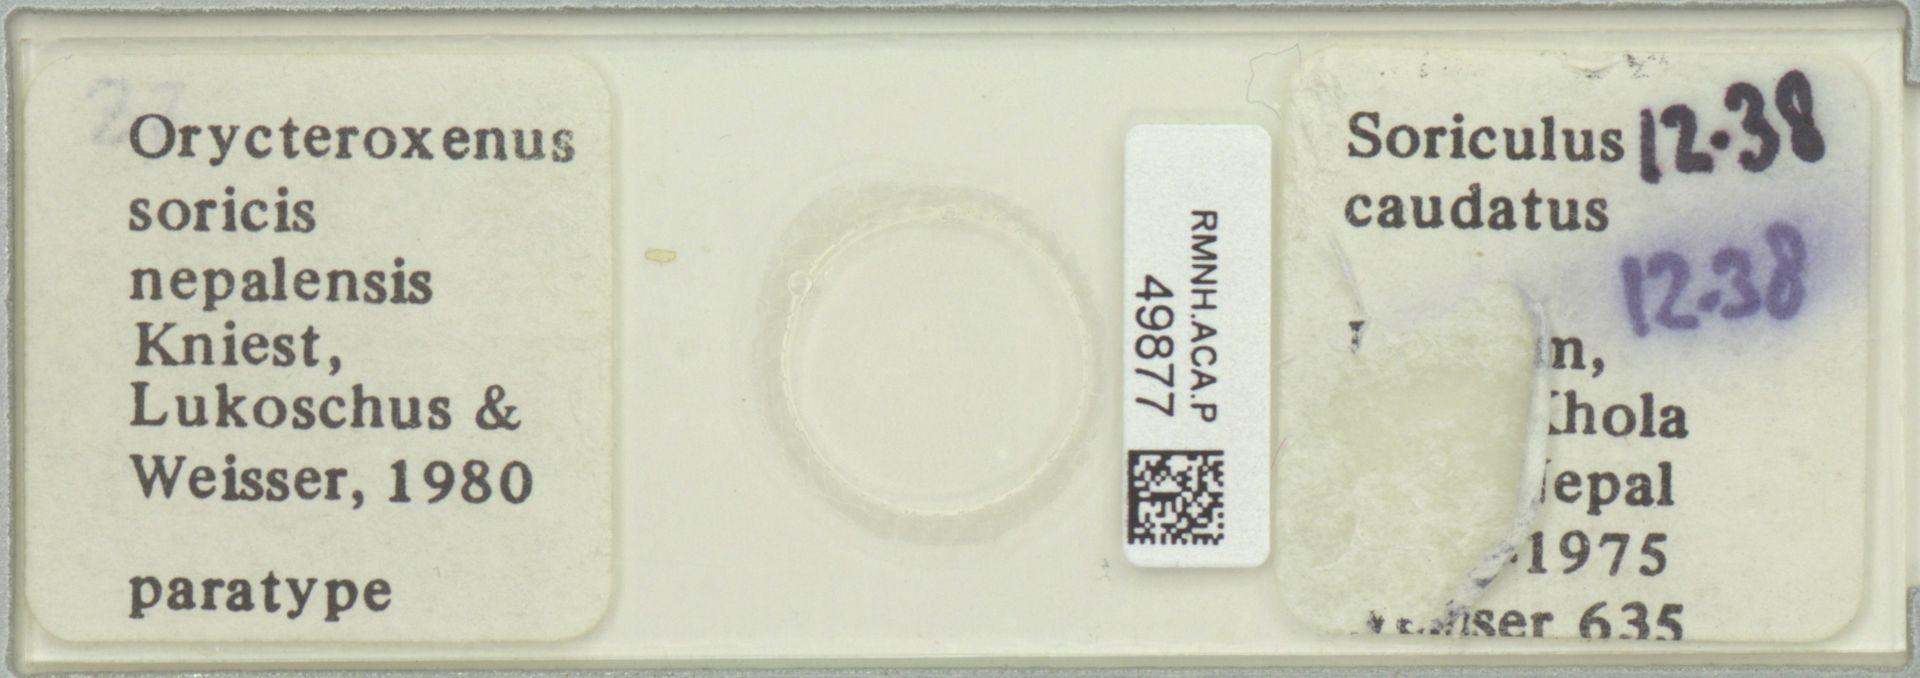 RMNH.ACA.P.49877 | Orycteroxenus soricis nepalensis Kniest, Lukoschus & Weisser, 1980